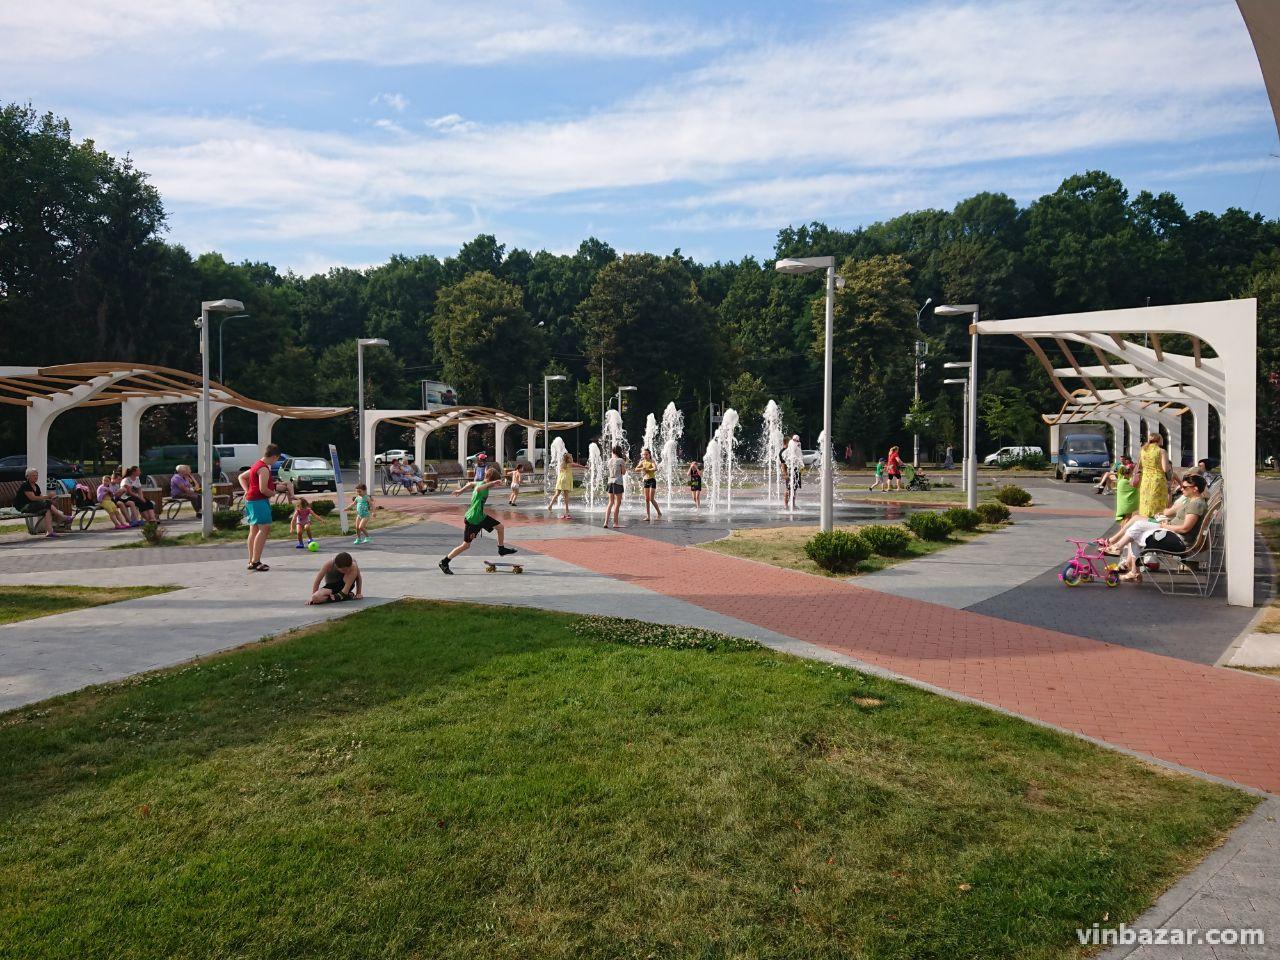 У Вінниці з 1 серпня увімкнуть всі фонтани. На Космонавтів водограй вже запрацював (Фото)